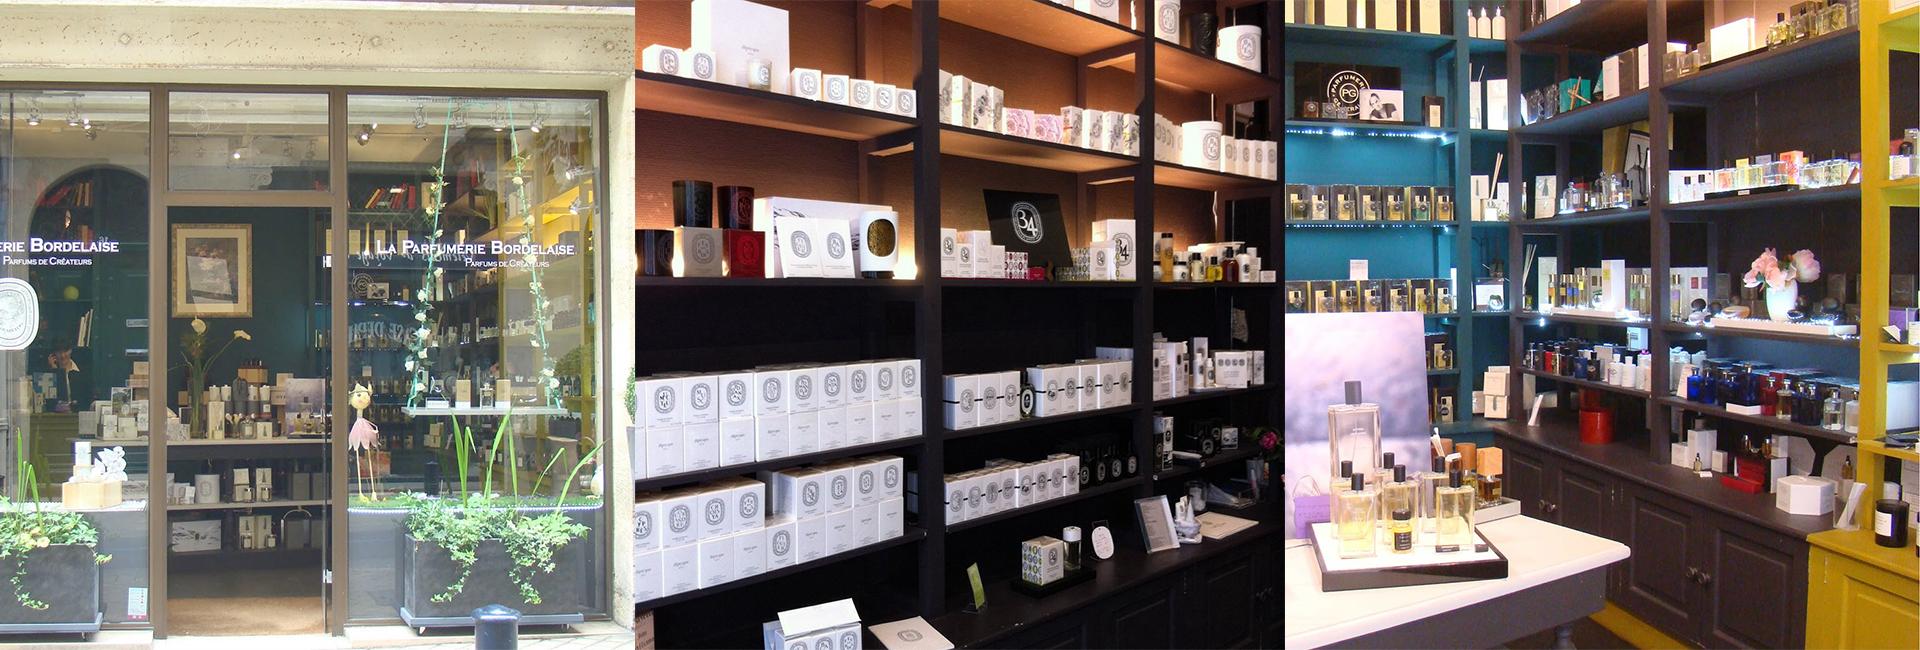 la-parfumerie-bordelaise-boutique-blog-beaute-soin-parfum-homme